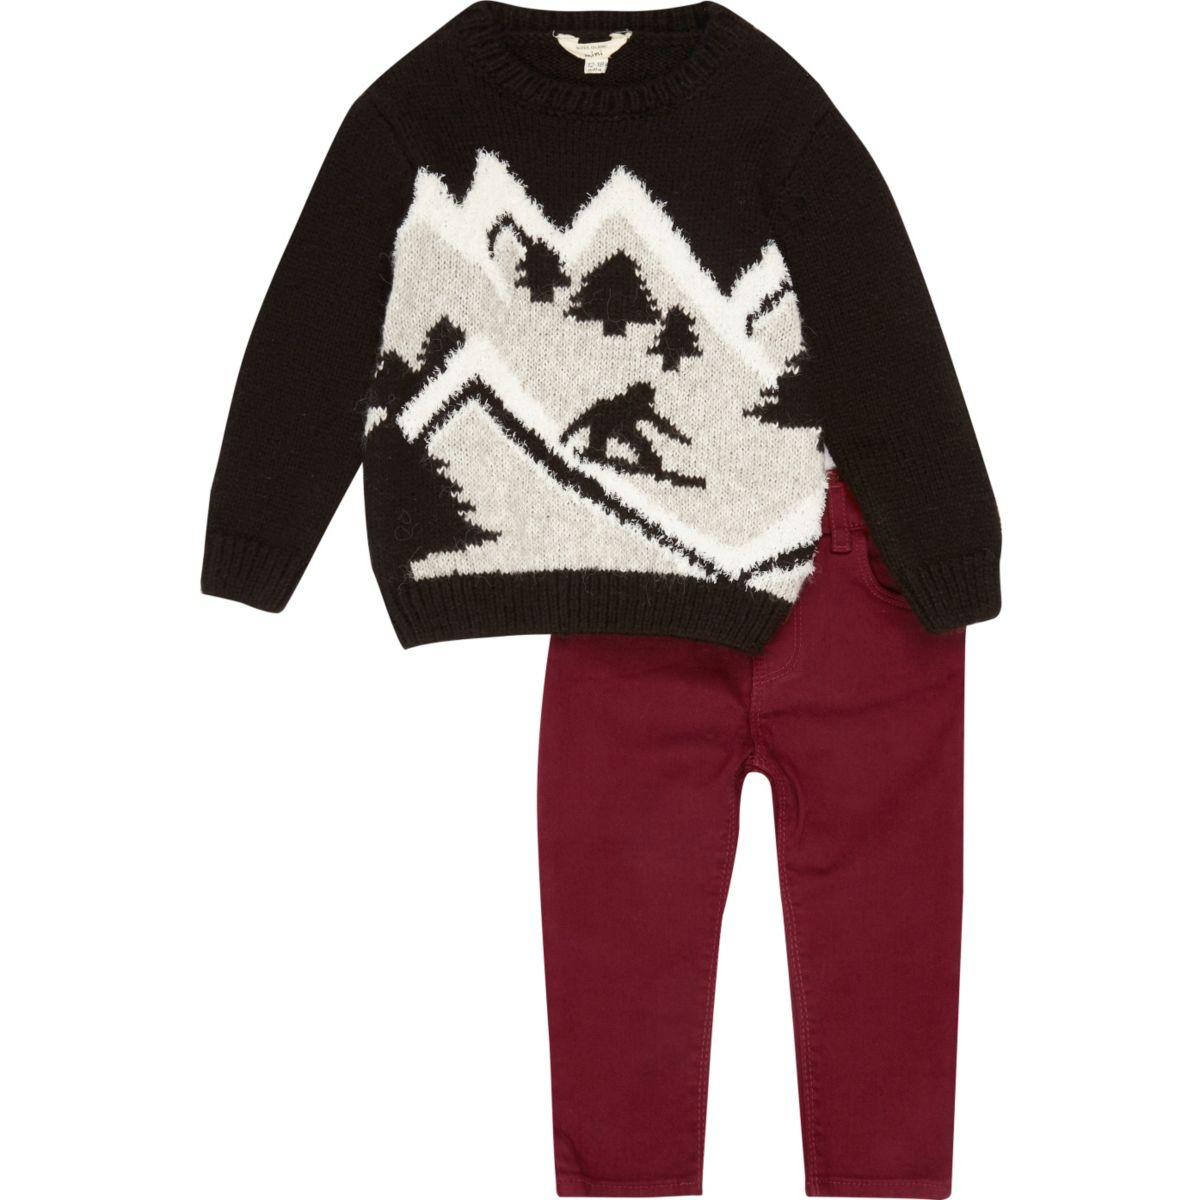 Mini boys black ski knit Christmas jumper set